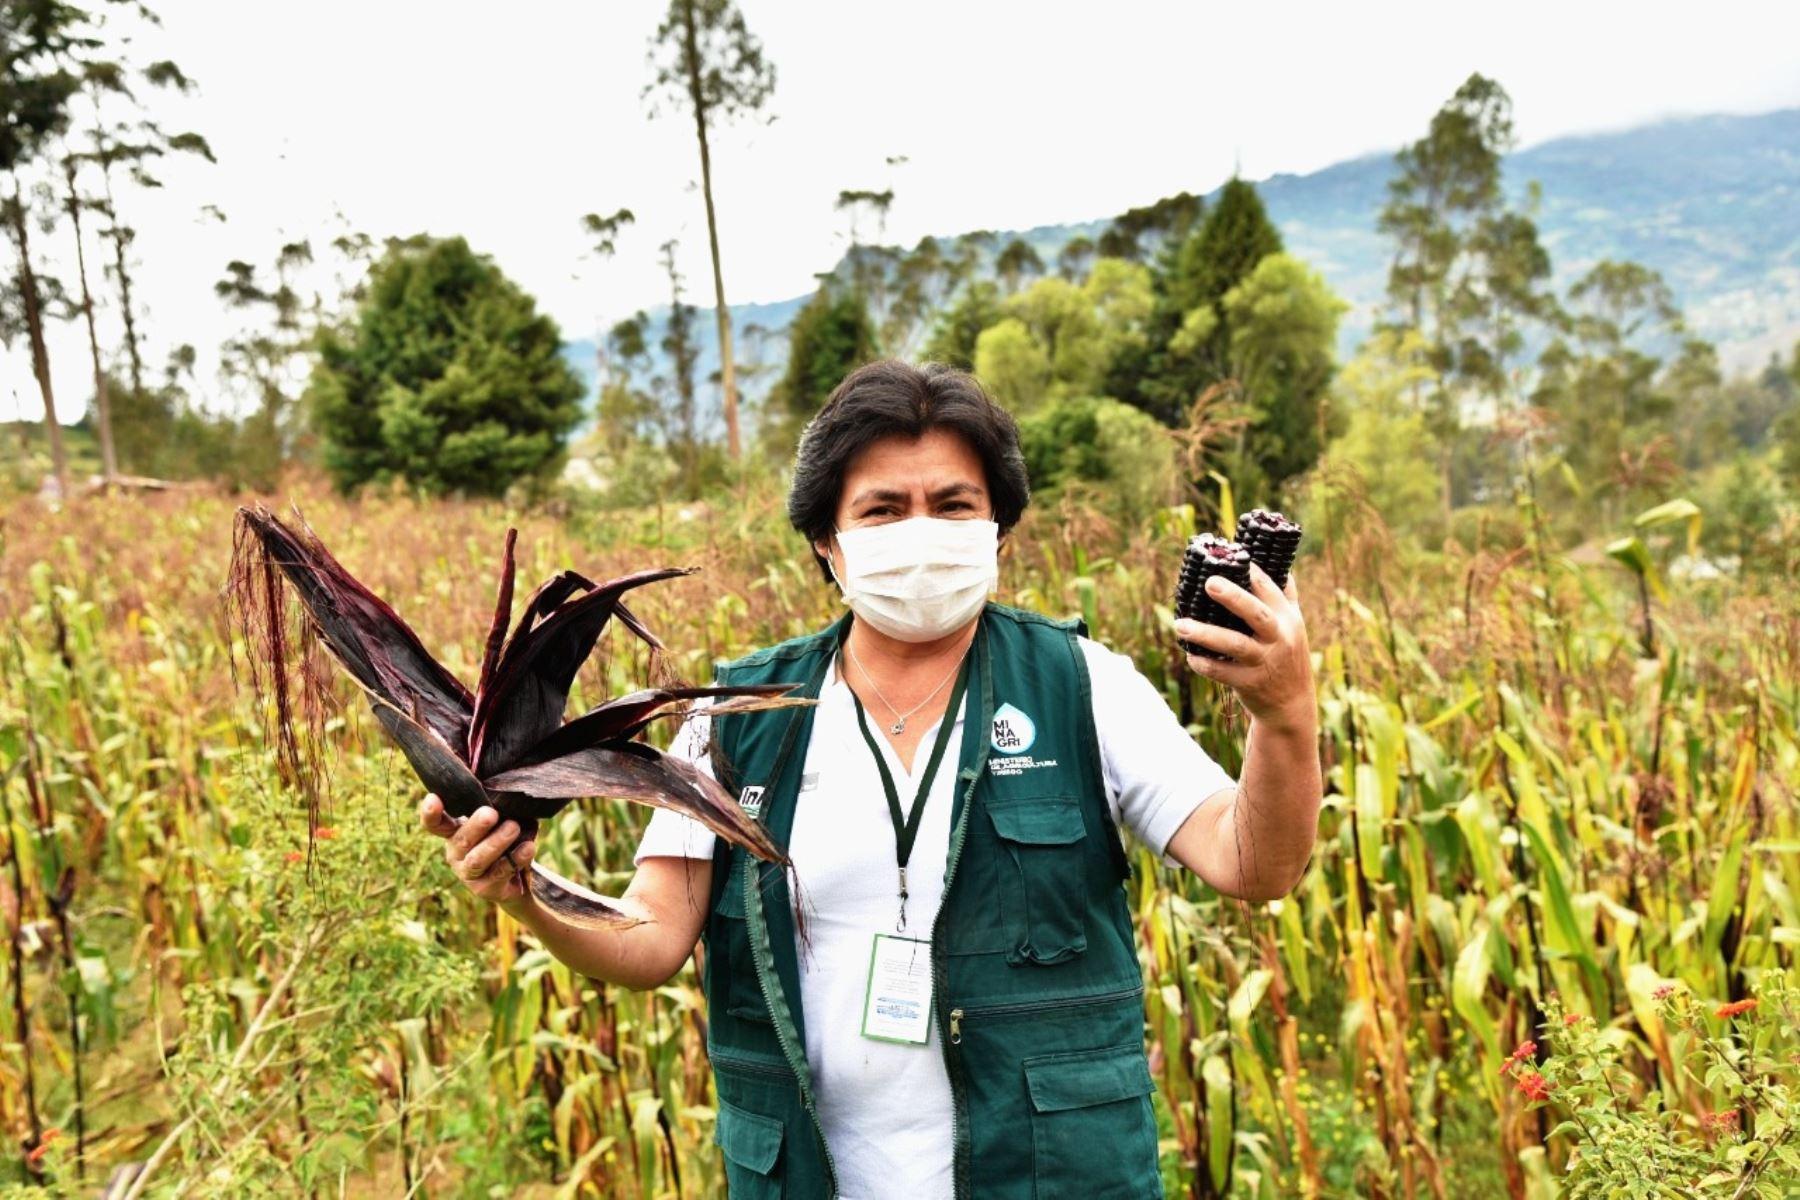 El Gobierno de Chile distinguirá a la investigadora cajamarquina Alicia Medina Hoyos por estudiar, durante 13 años, el maíz morado y desarrollar una nueva variedad genética. Foto: ANDINA/Difusión